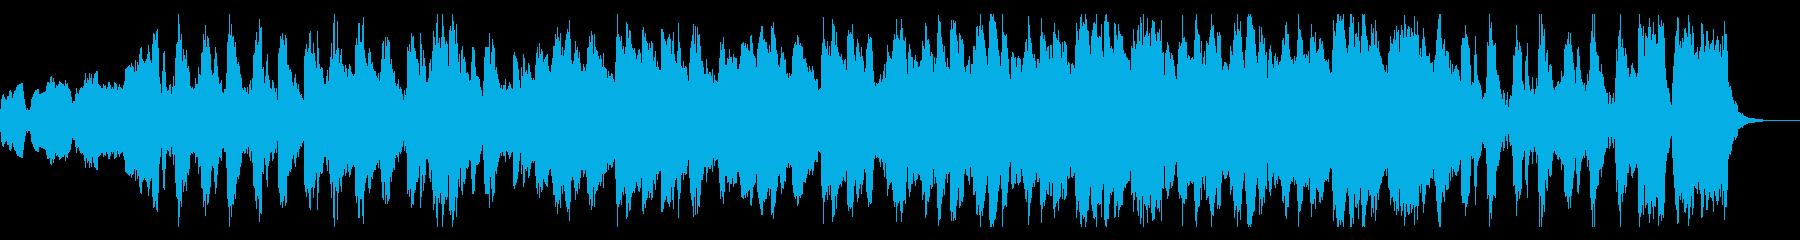 クラシカルに展開繰り広げるゲーム音楽の再生済みの波形